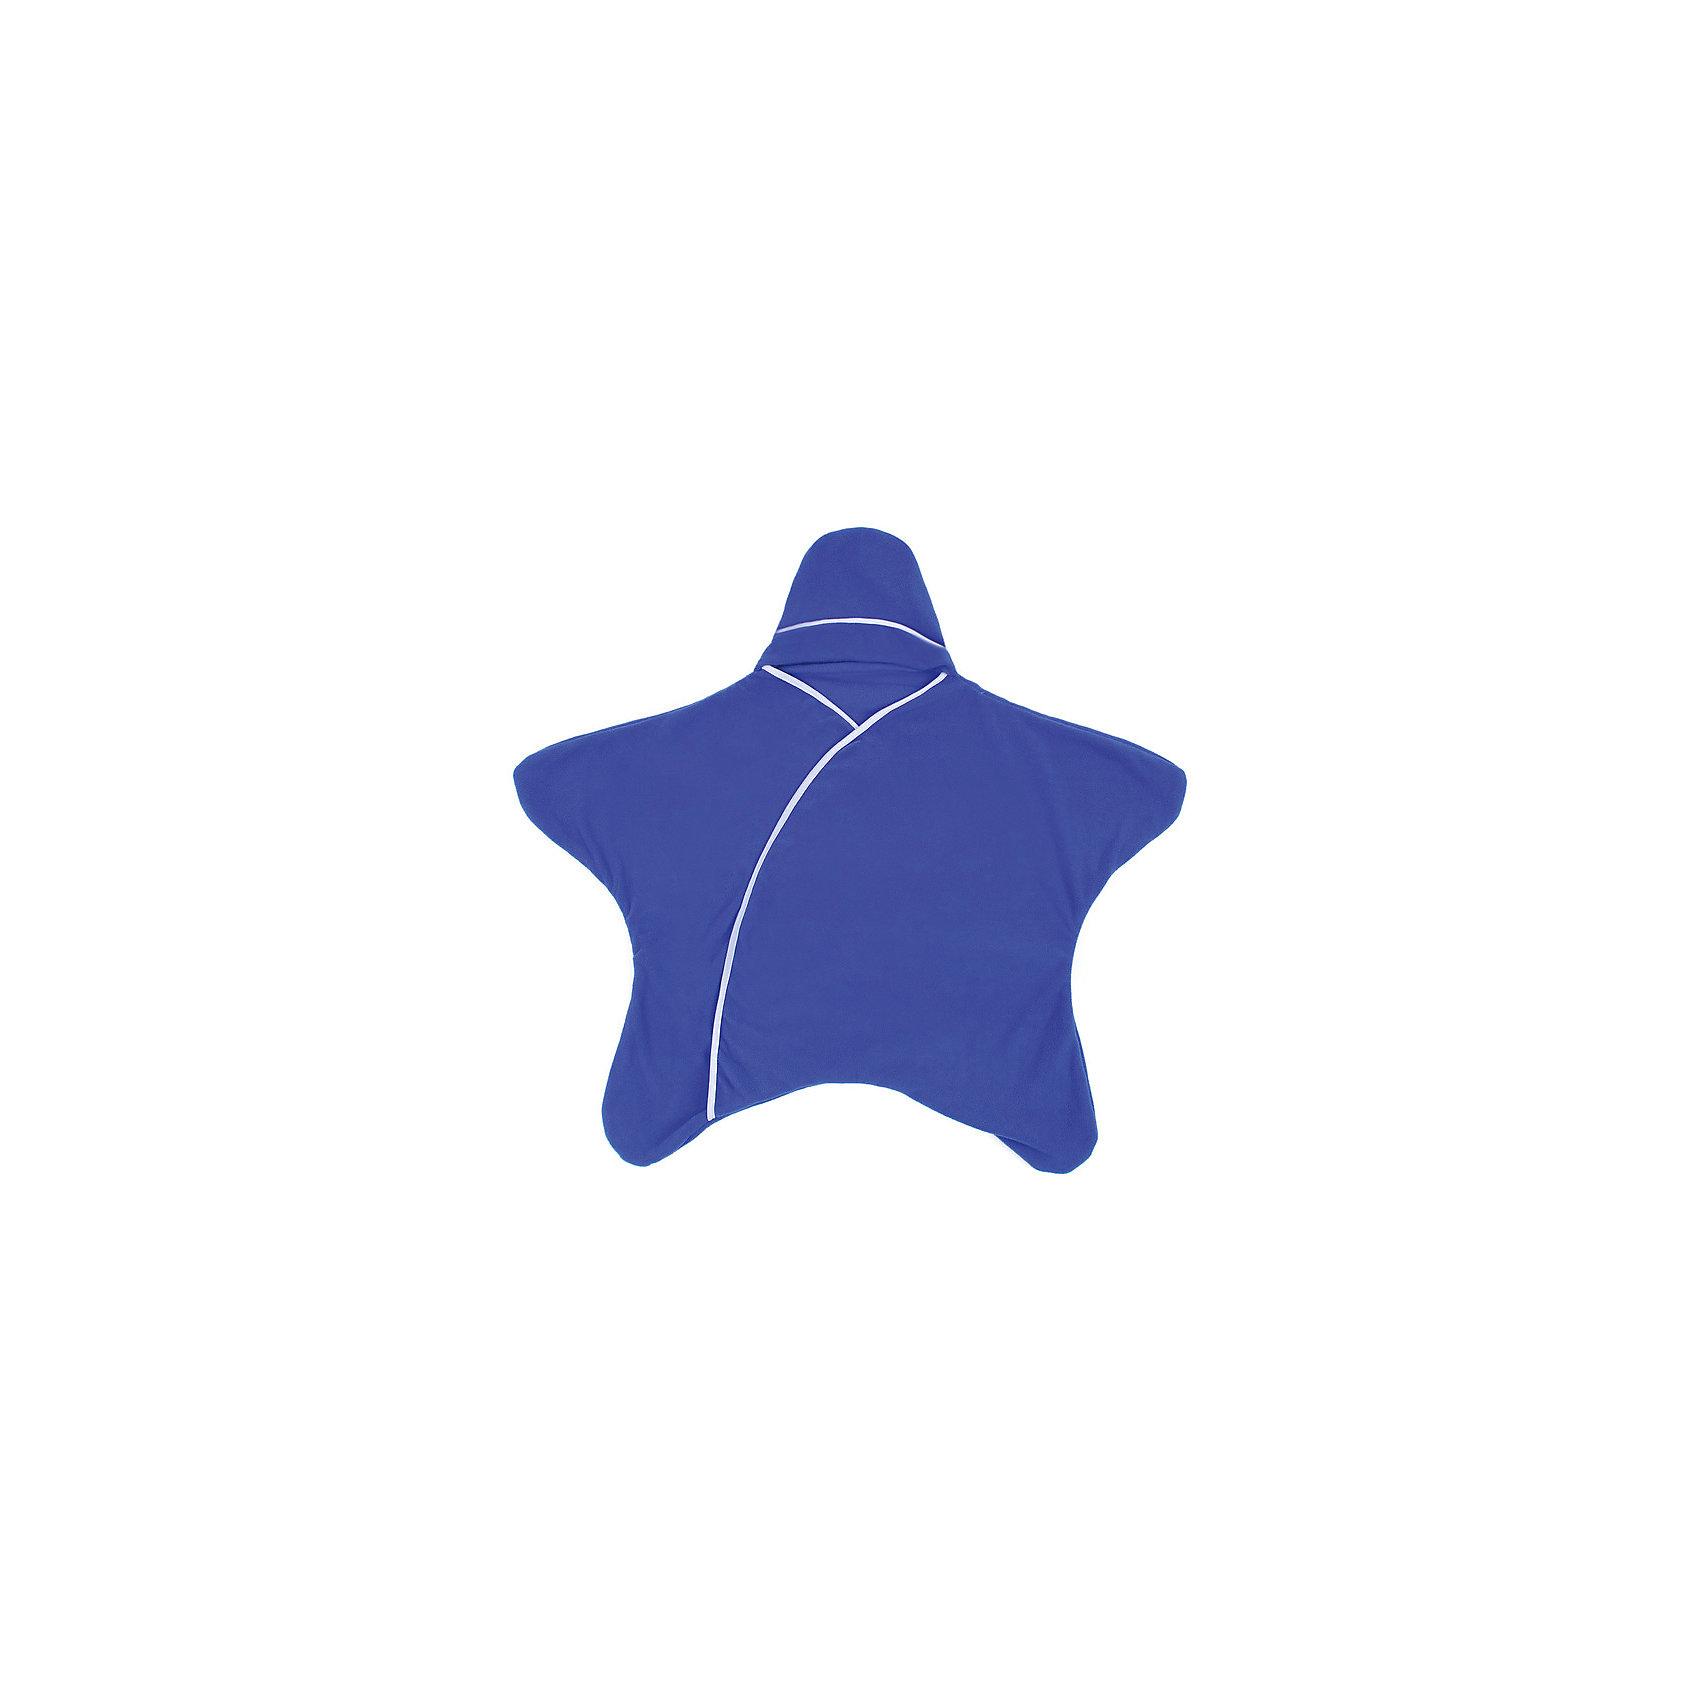 Конверт 5 в 1 Twinklbaby, ультрамаринПеленание<br>Конверт 5 в 1 торговой марки Twinklbaby - это первая многофункциональная линия одежды, имеющая уникальный дизайн  и  практичность. Конверт Заверни и иди - разработан специально для родителей, которые ценят свое время и заинтересованы в создании комфорта для своего малыша. Конверт 5в1Заверни и иди обладает многофункциональностью- это и комбинезон, и конверт, и игровой коврик, и плед и удобное и быстрое пеленание. Малышу предоставляет свобода  в движениях, а родителям при необходимости быстро и легко запеленать малыша. Даже если Ваш малыш заснул Вы легко и быстро его запеленаете, т.к. у изделия отсутствуют пуговицы, застежки и молнии. Конверт 5в1Заверни и иди выручит Вас на прогулке, в путешествие, в поликлинике, на природе и в слинге.<br><br>Характеристики: <br><br>- цвет: синий;                                                                                                                                             - коллекция: заверни и иди;                                                                                                                                                                                                                                                                                                                                                                                                                                                         - возраст: от 1-го месяца и выше;                                                                                                                     - рост: до 80 см;                                                                                                                                                           - пол: универсальный;<br>- совместимость: с 5-титочечными страховочными ремнями — можно использовать в детских колясках и автолюльках;                                                                                                